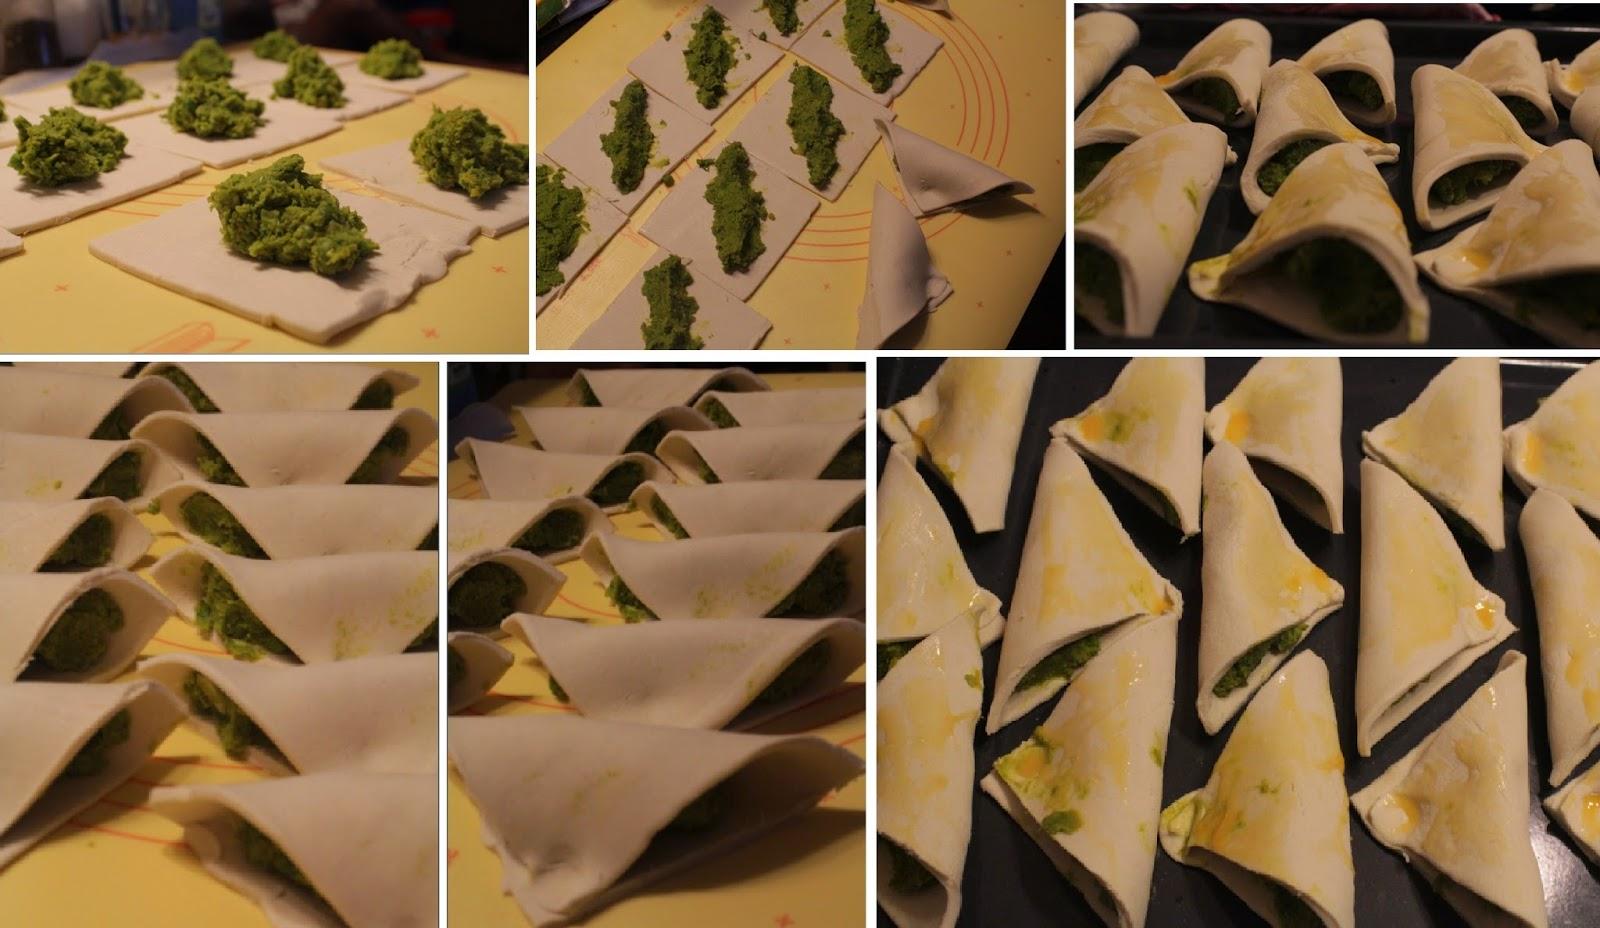 danie na przyjęcie, zakąski, fornetti, ciasto francuskie, przekąska, zielony groszek, grean peas pastizzi